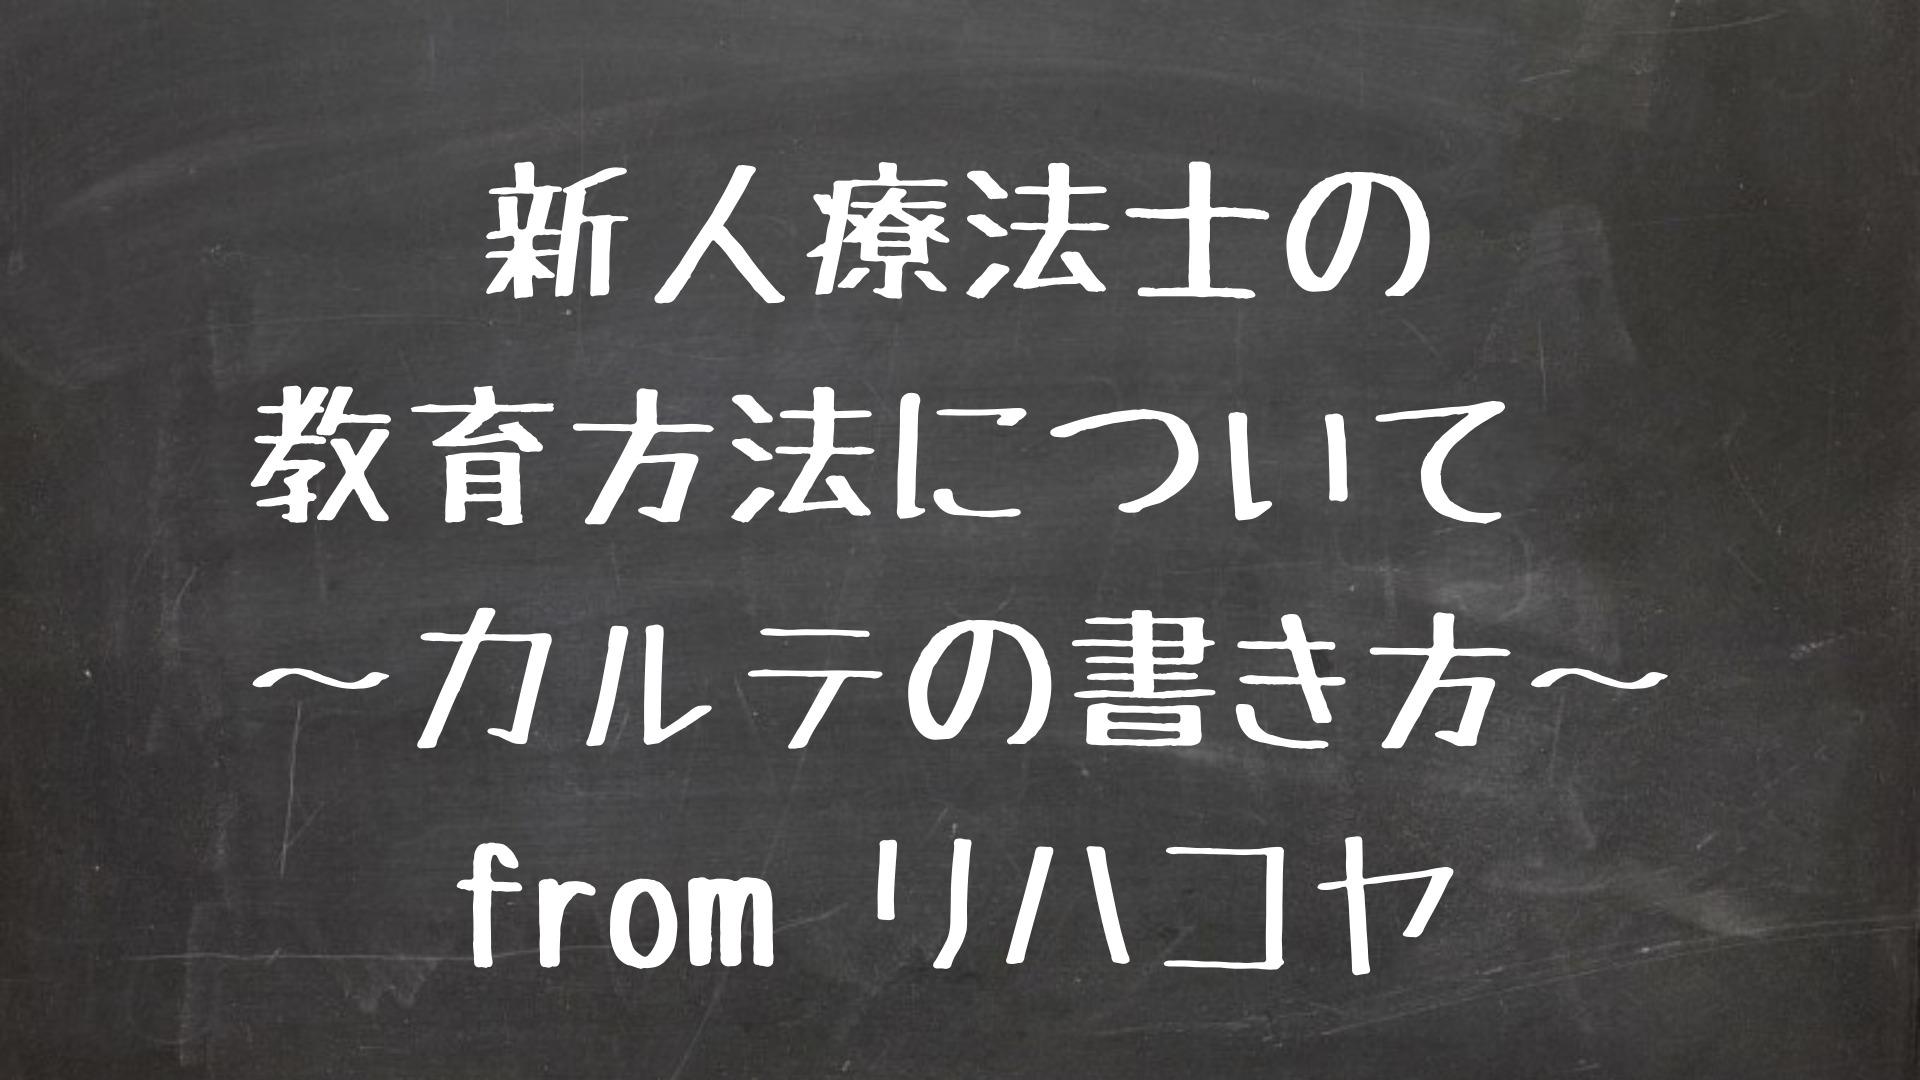 新人療法士の教育方法について 〜カルテの書き方〜 from リハコヤ